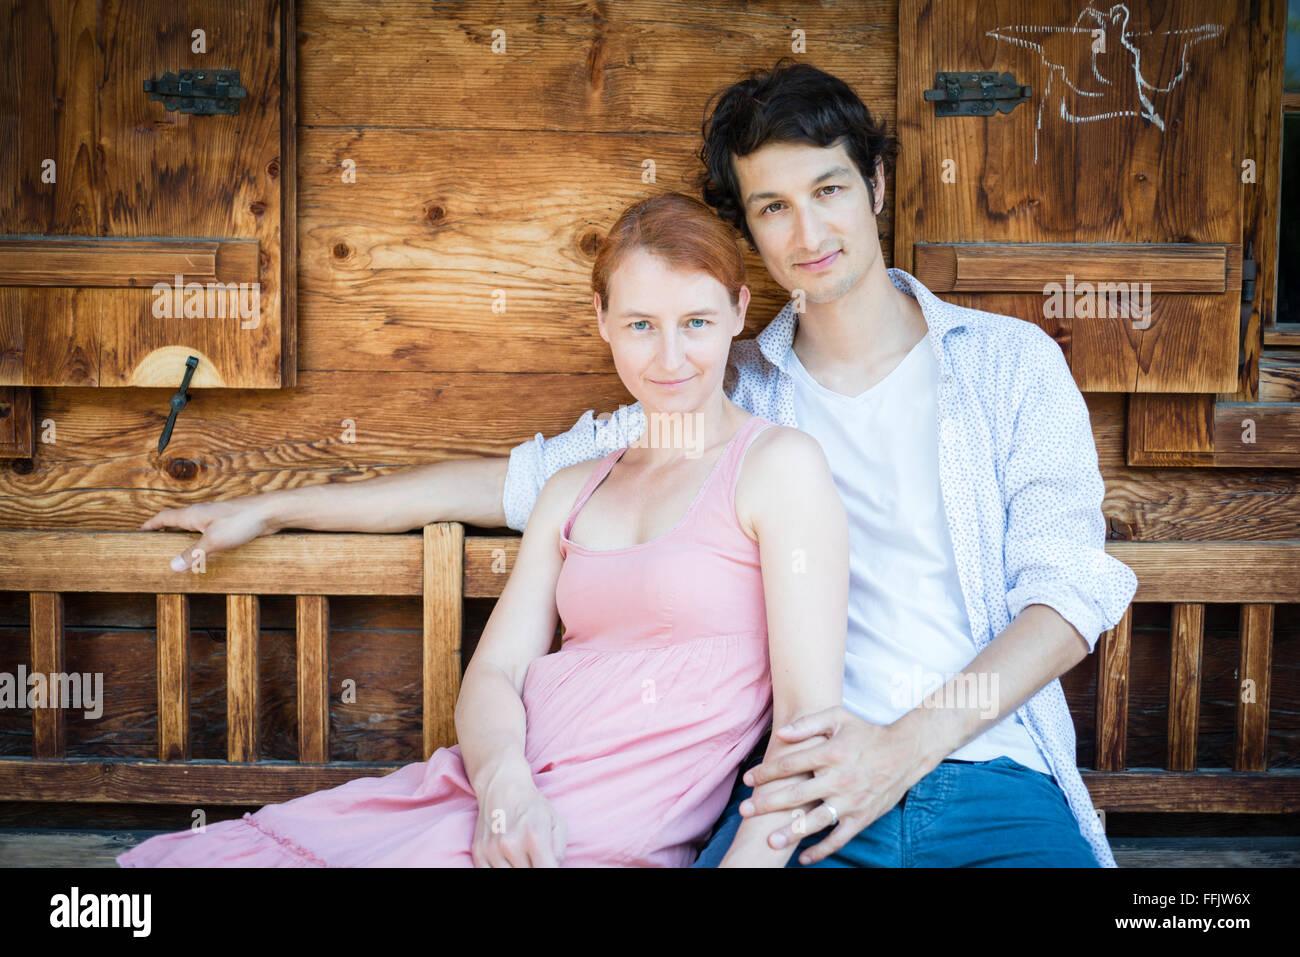 Porträt des glücklichen Paares sitzen nebeneinander Stockbild